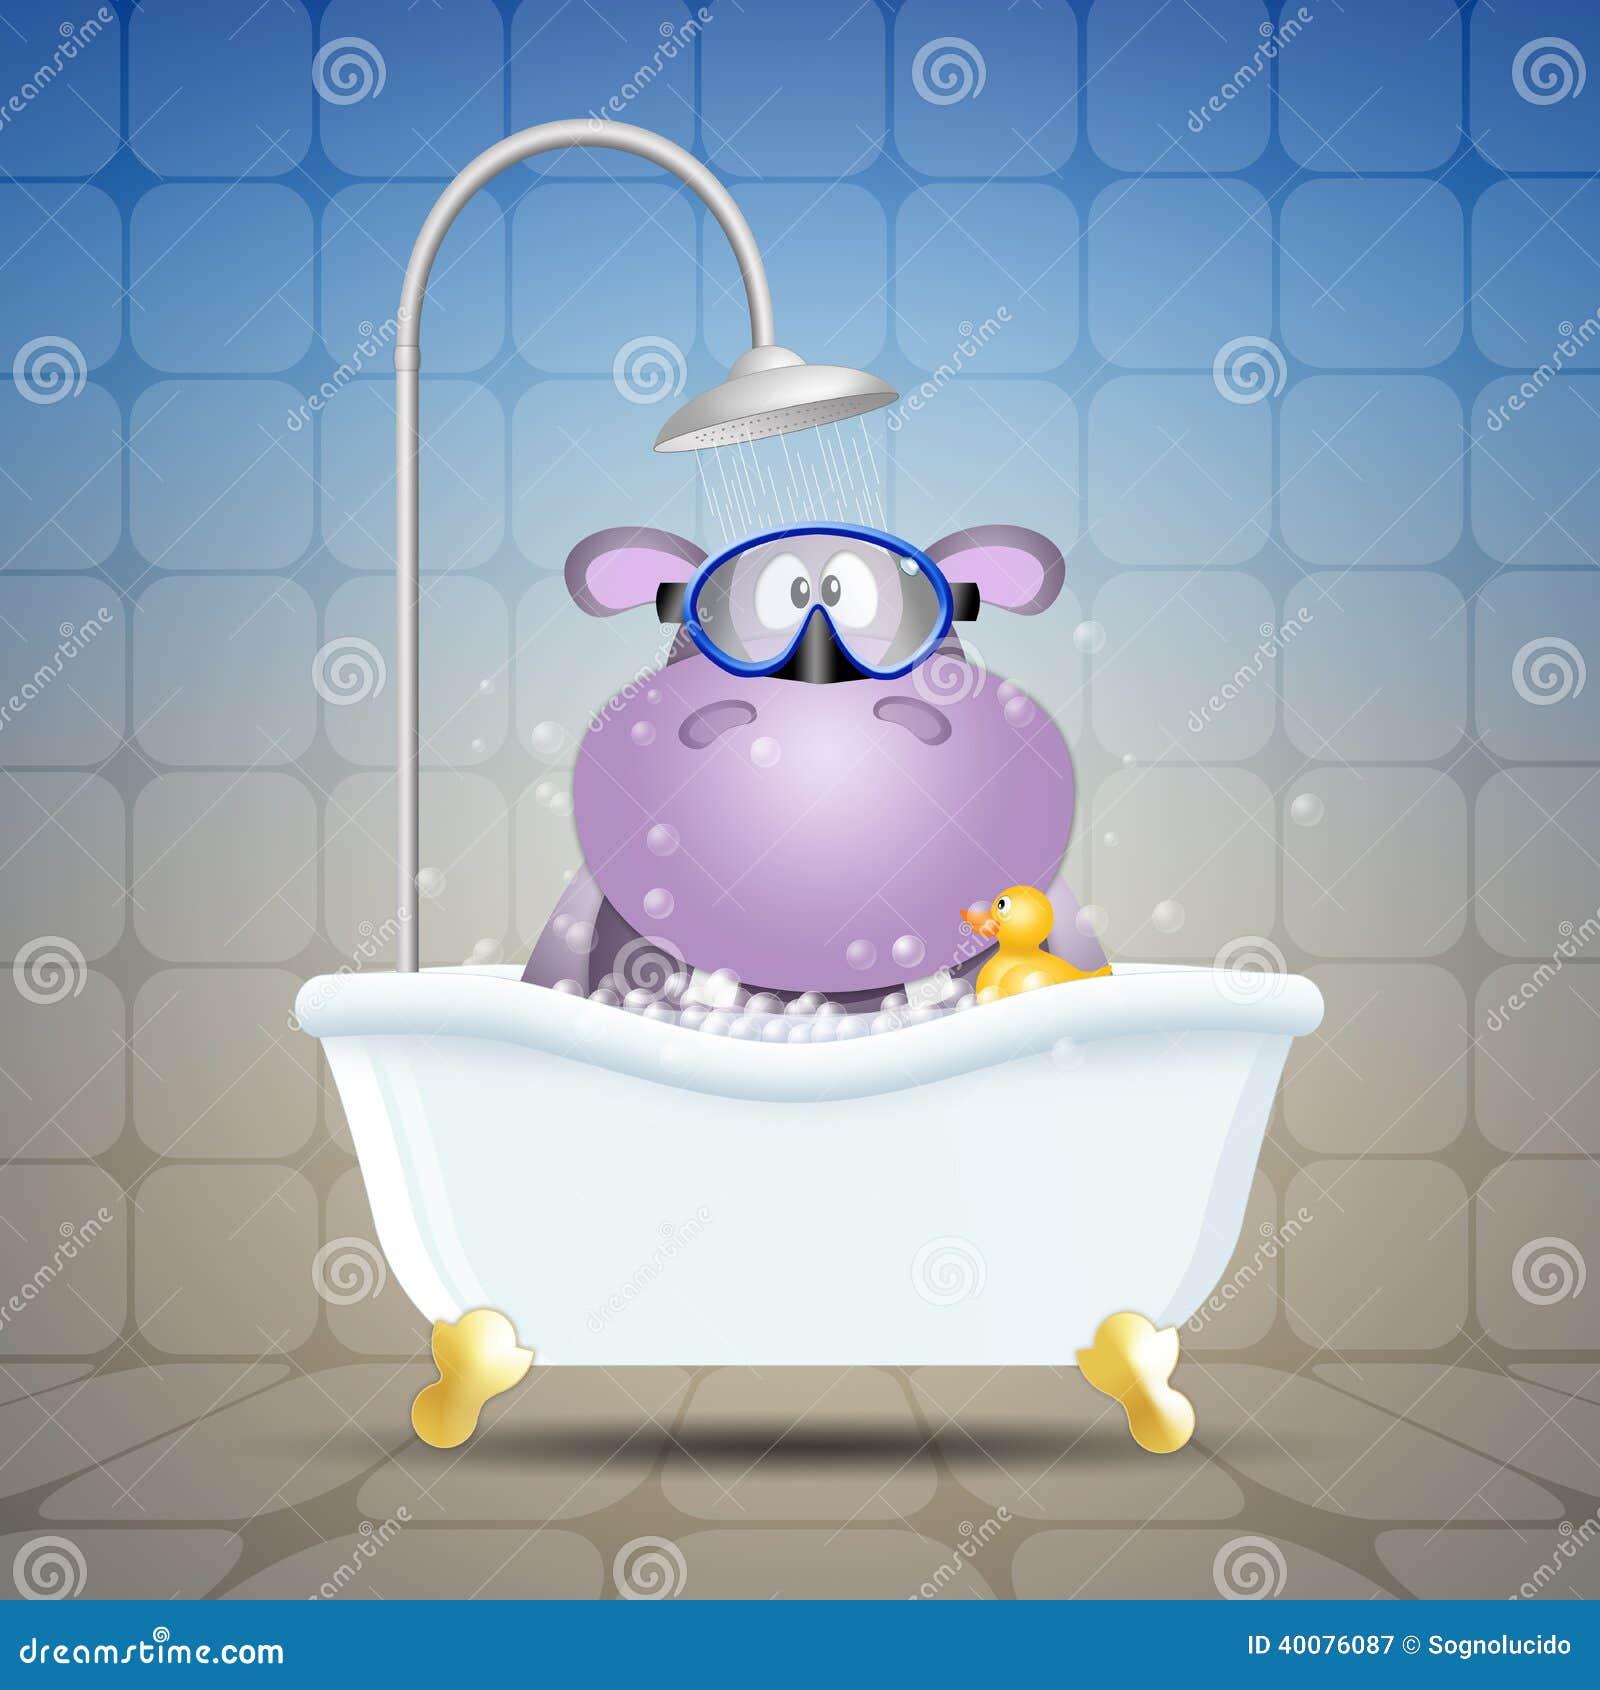 Hippopotame Avec Le Masque De Plongée Sur Le Bain Illustration Stock